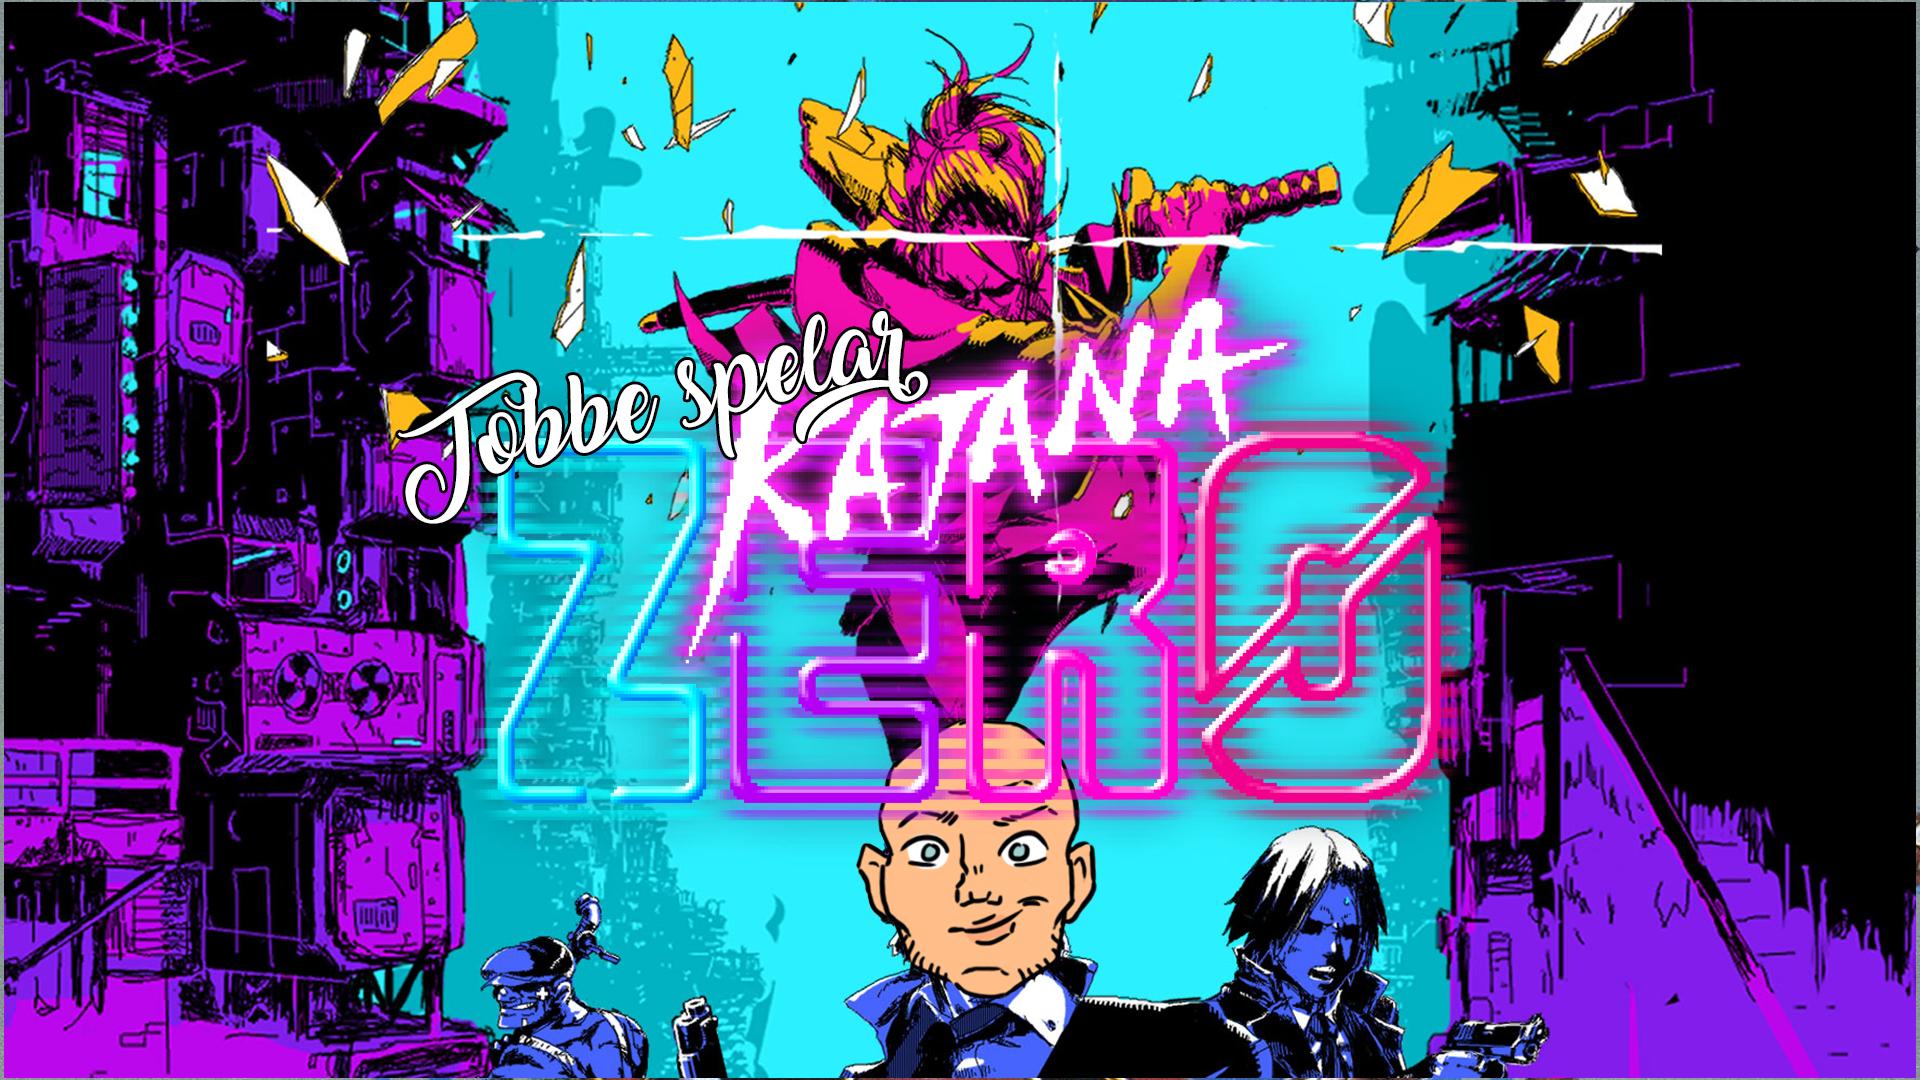 Tobbe spelar Katana Zero